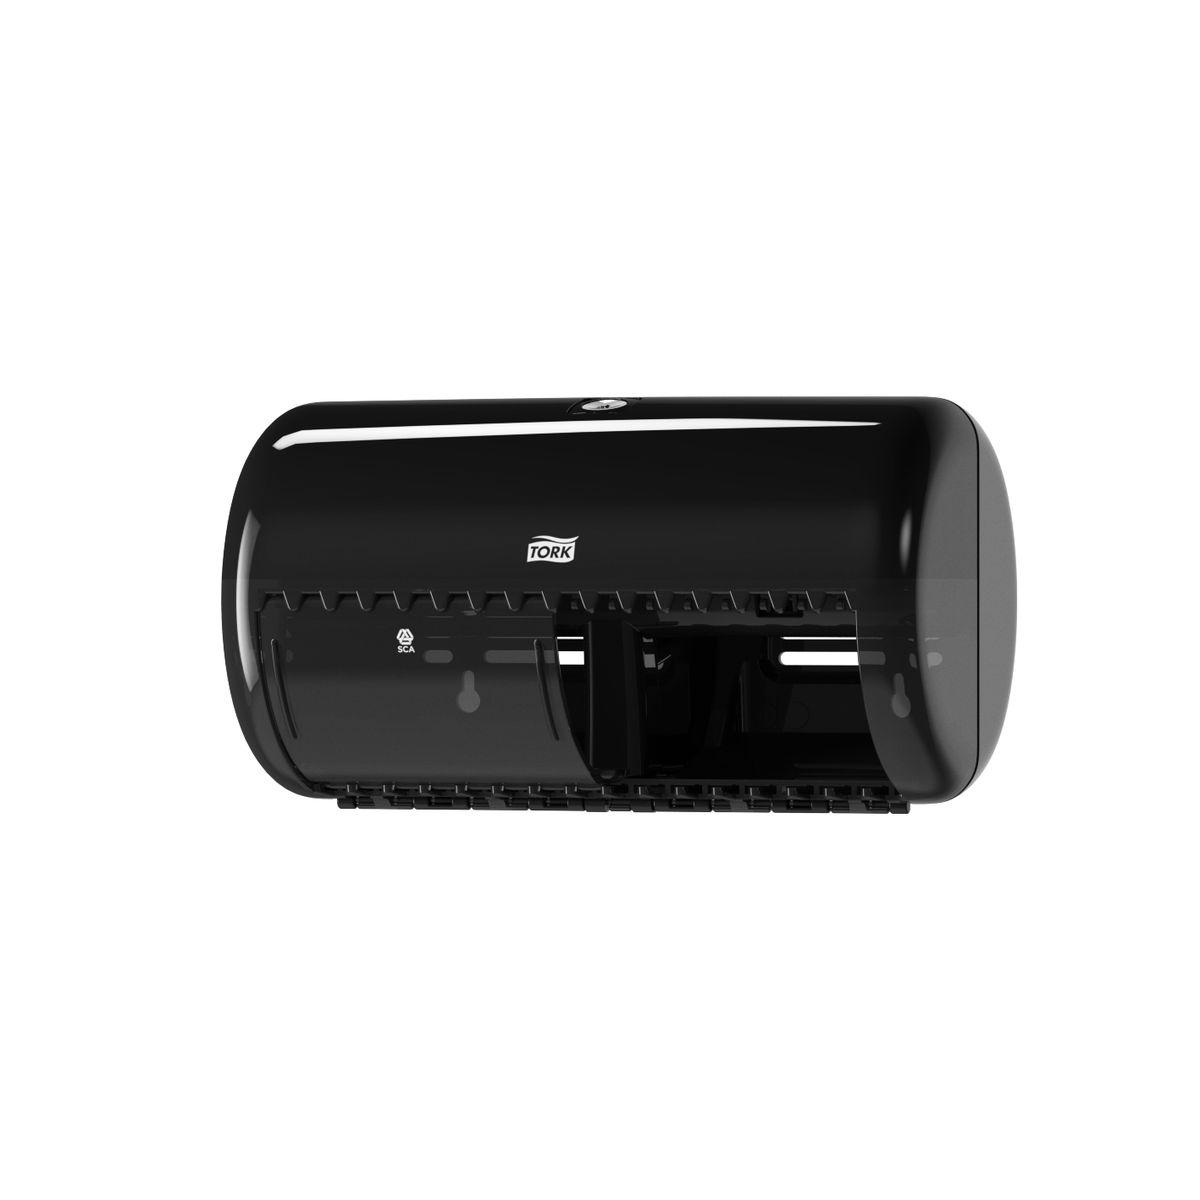 Диспенсер для туалетной бумаги Tork, цвет: черный. 557008557008Система Т4 - бумага в стандартных рулончиках. Практичный компактный диспенсер, вмещающий 2 стандартных рулона туалетной бумаги. Бумага легко отрывается с помощью удобных зубцов, даже не имея перфорации, защищается от повреждений и кражи. Диспенсер открывается с помощью ключа или нажатием на кнопку. В комплект входит инструкция по заправке и использованию.